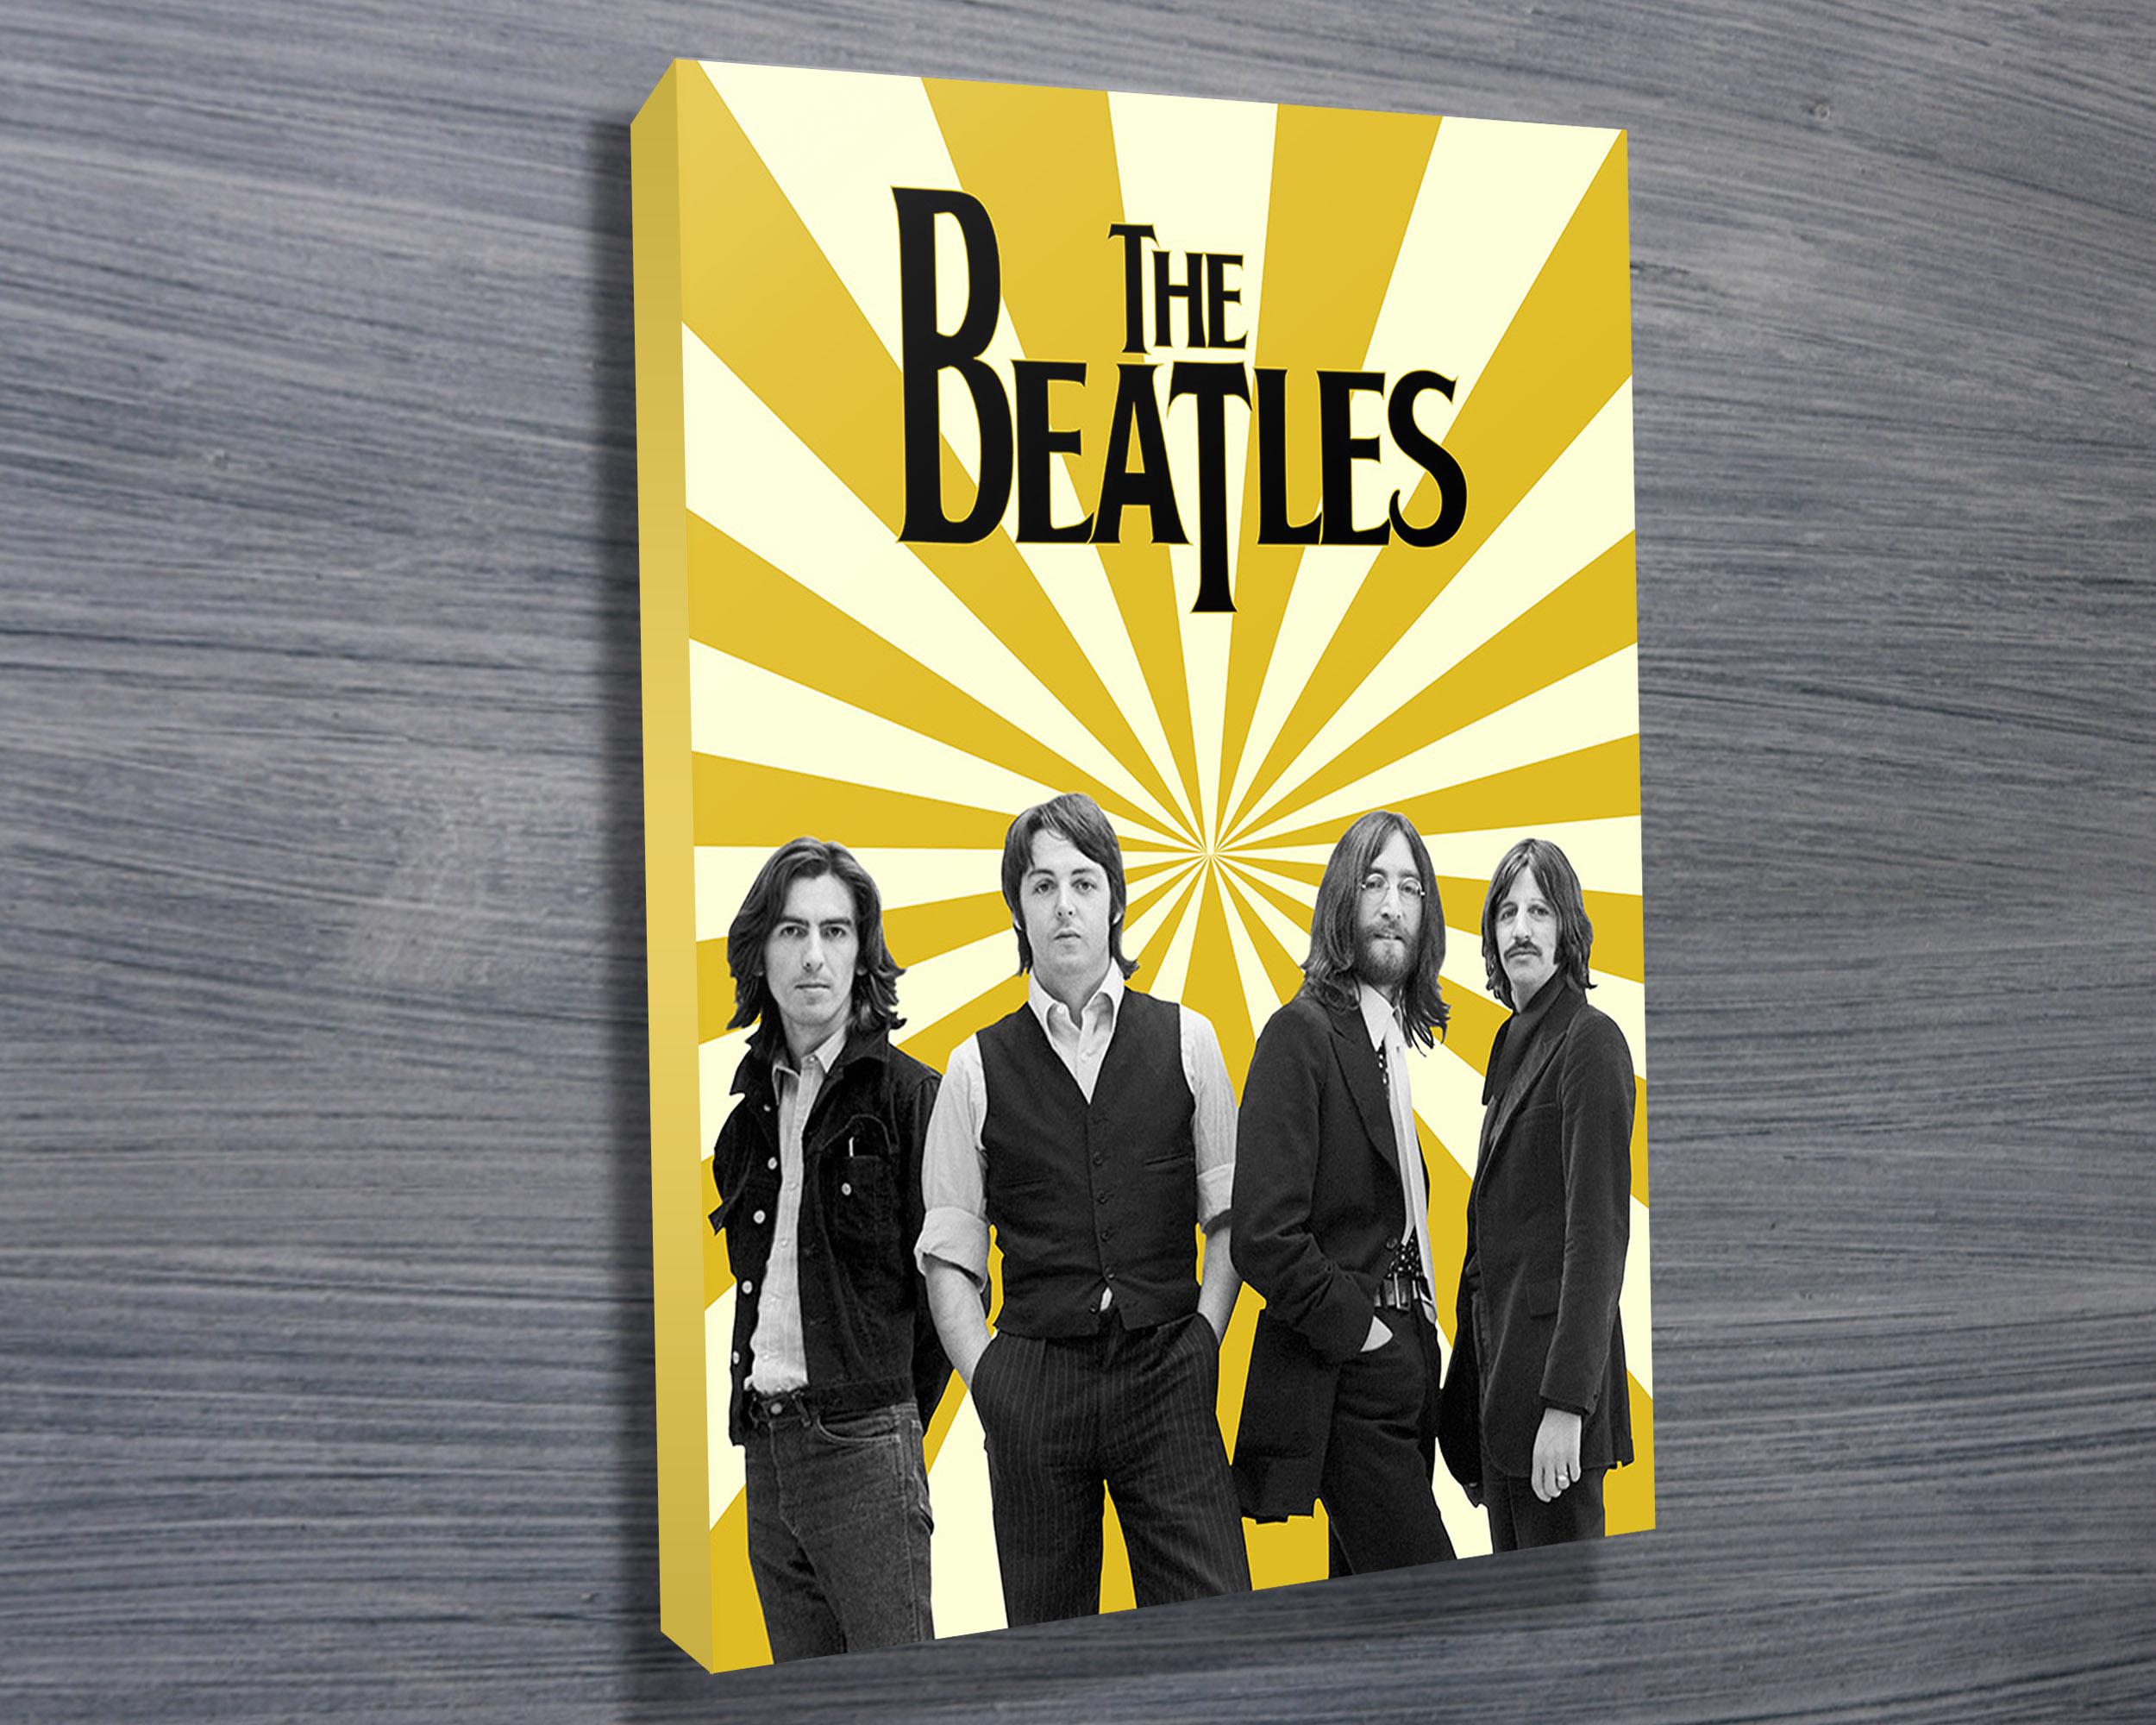 Beatles Canvas Wall Art - Elitflat